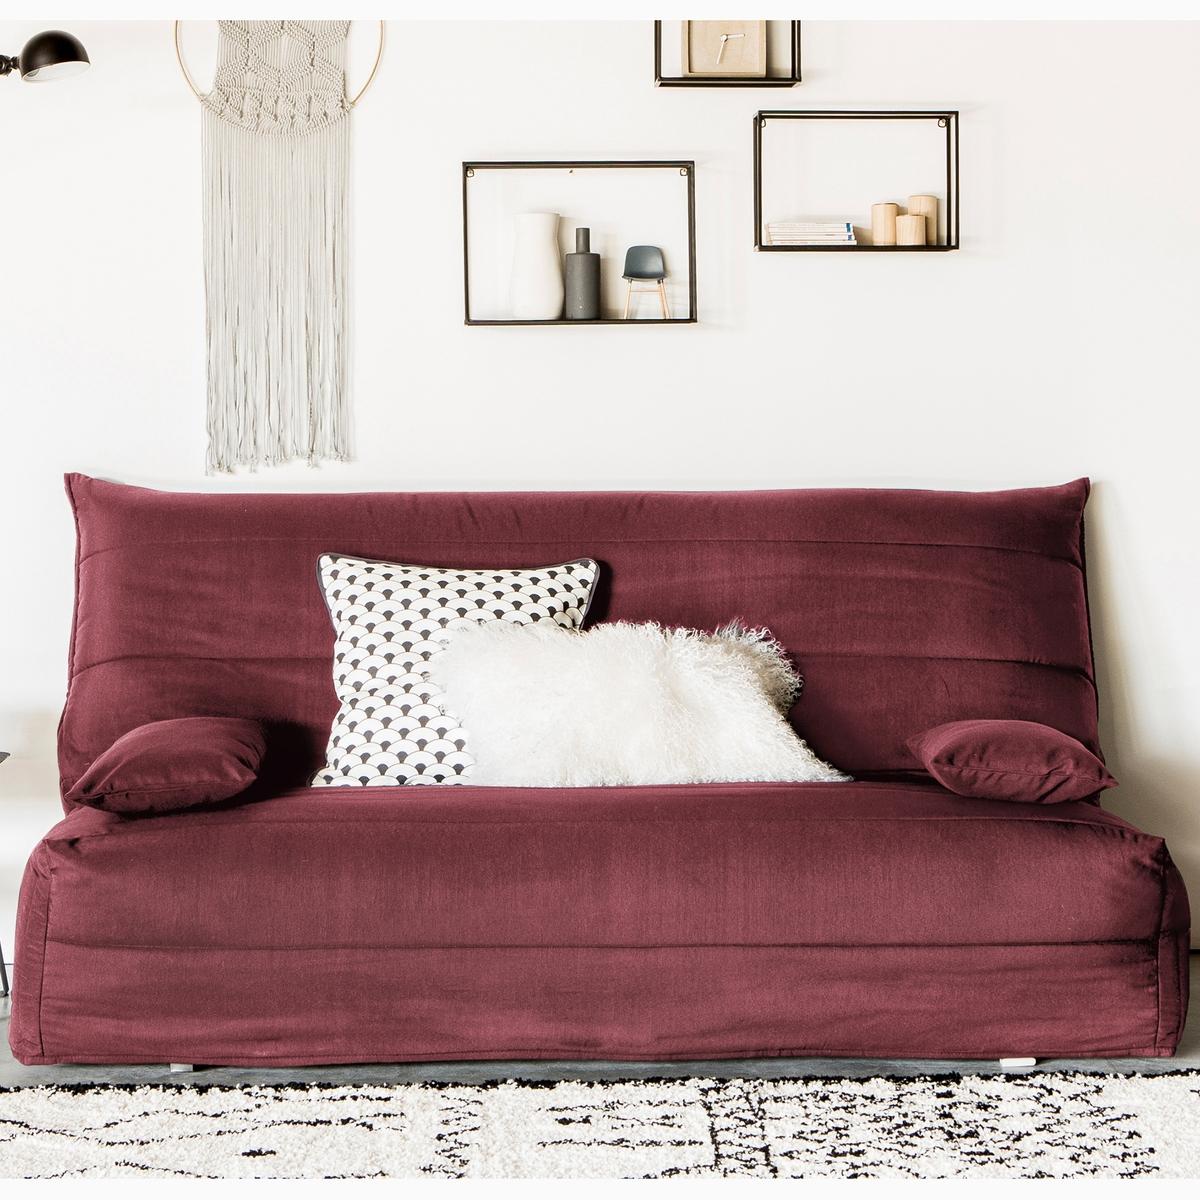 Чехол La Redoute Стеганый из поликоттона для дивана-аккордеона 140 см красный чехол стеганый для раскладного дивана scénario